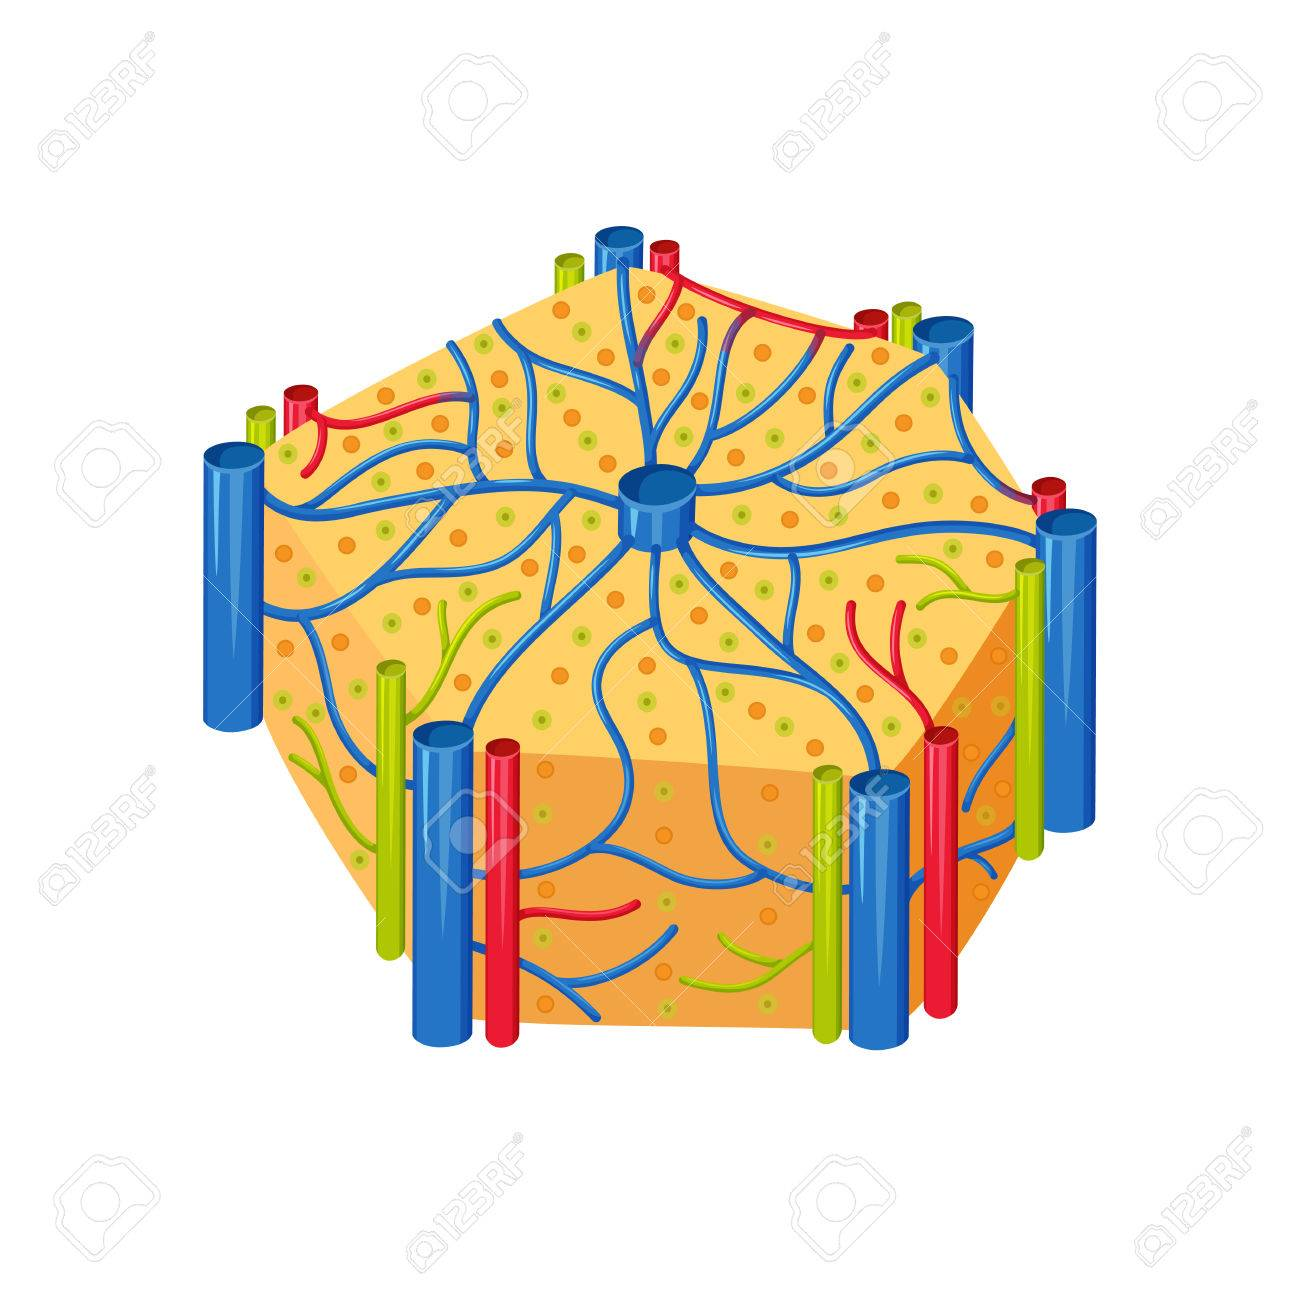 Lóbulos De Hígado Humano Anatomía. Hígado Lóbulos Ilustración ...